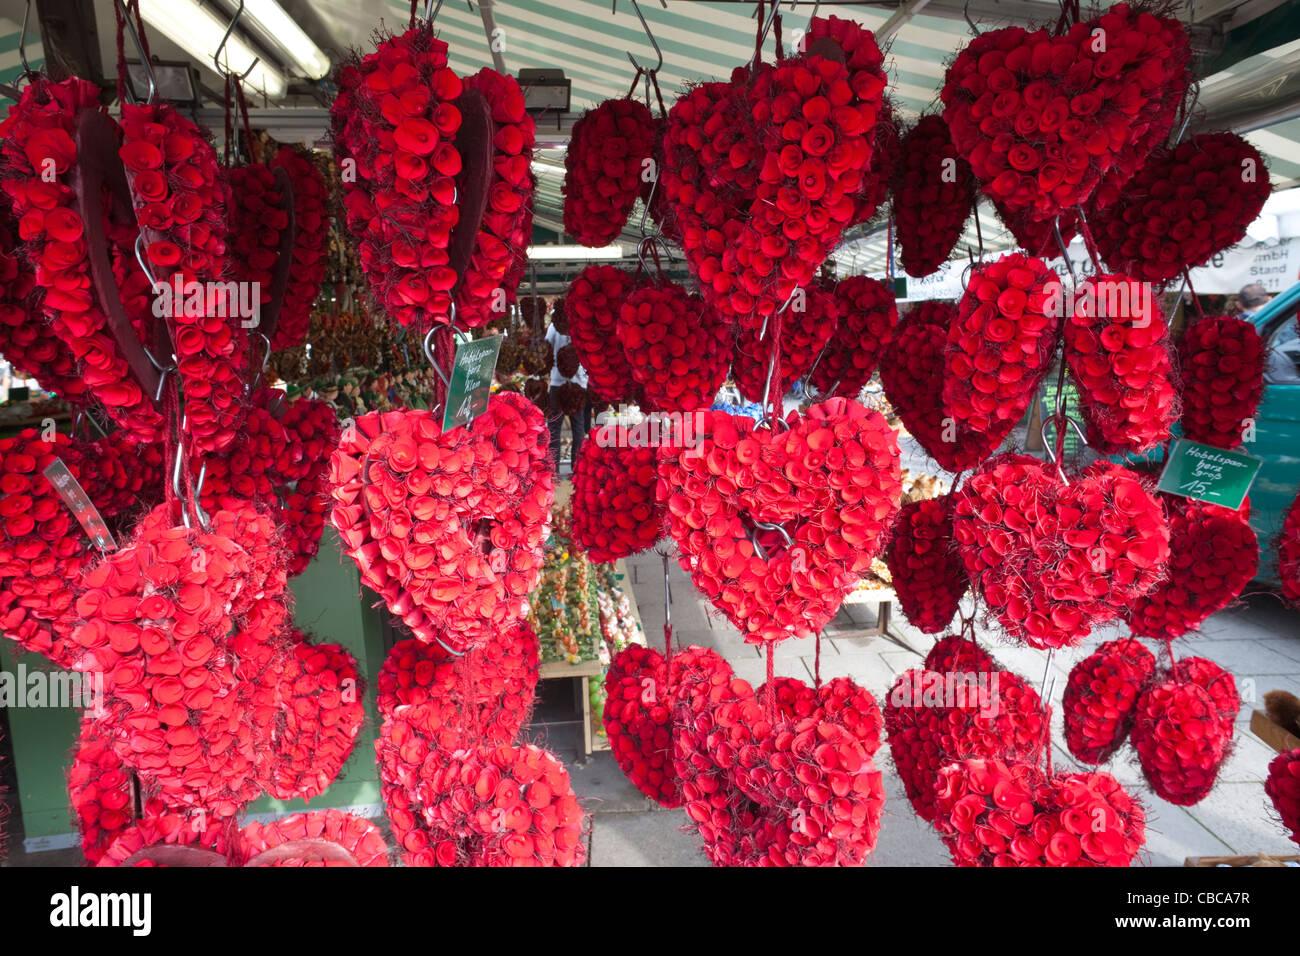 Deutschland, Bayern, München, Viktualienmarkt, Herz geformten Blütenpracht Stockbild